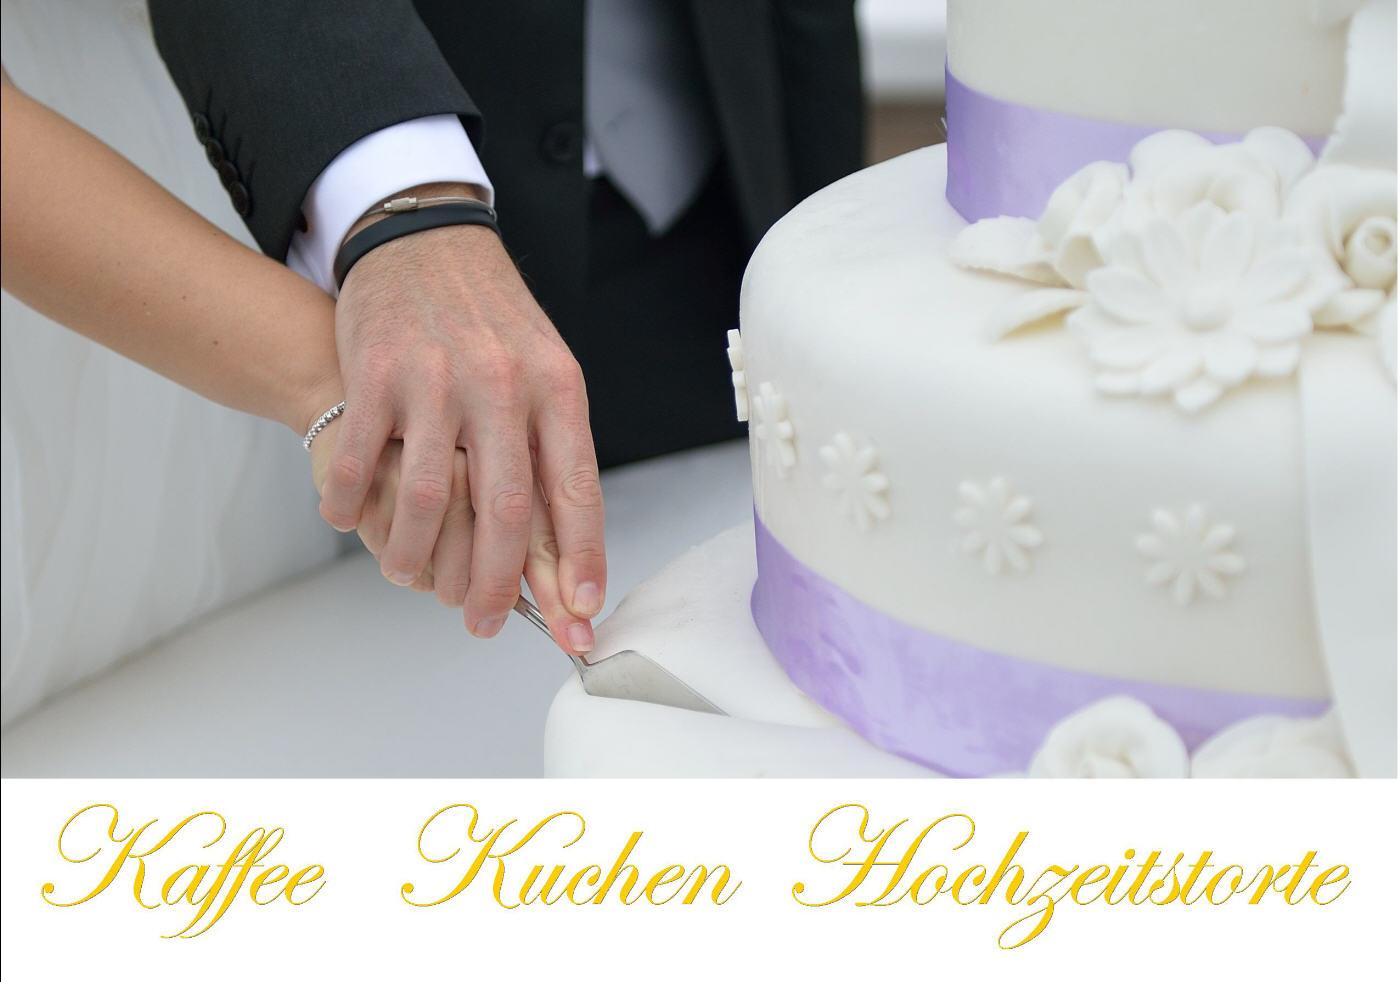 Kaffee Kuchen  Hochzeitstorte  Heiraten im Gartenreich